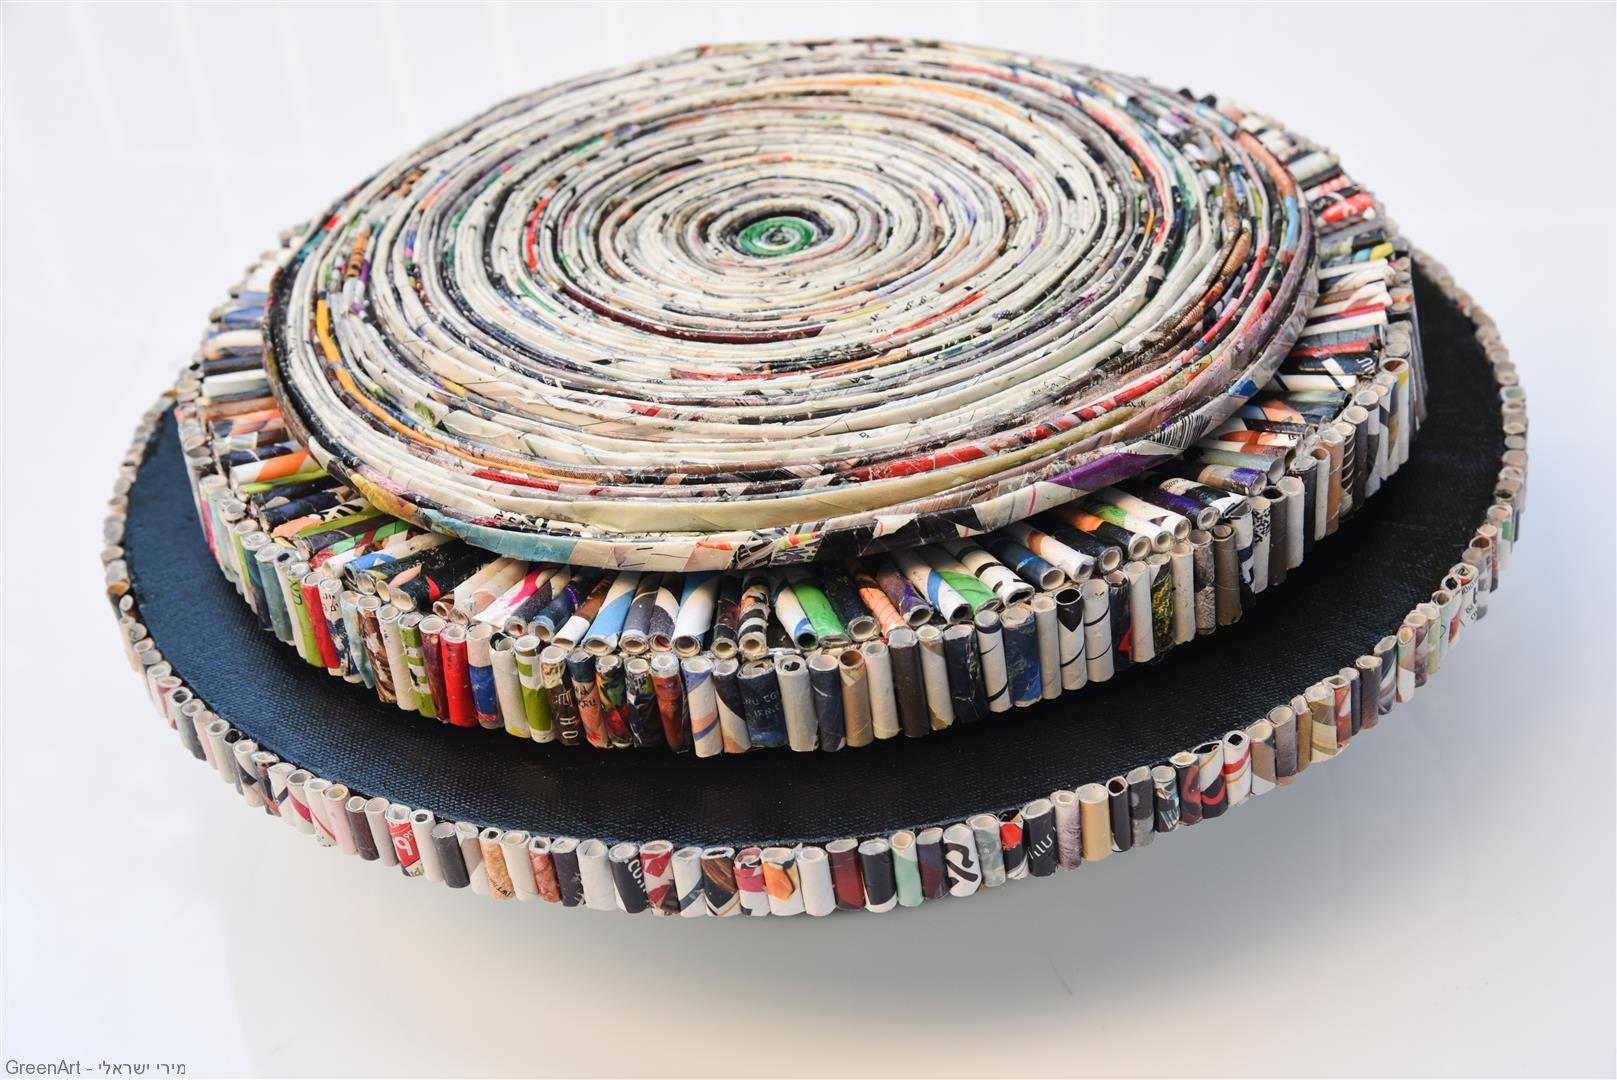 גלילי נייר צבעוניים שפוסלו לספרילה מעגלית המסתובבת על צירה. eco art.